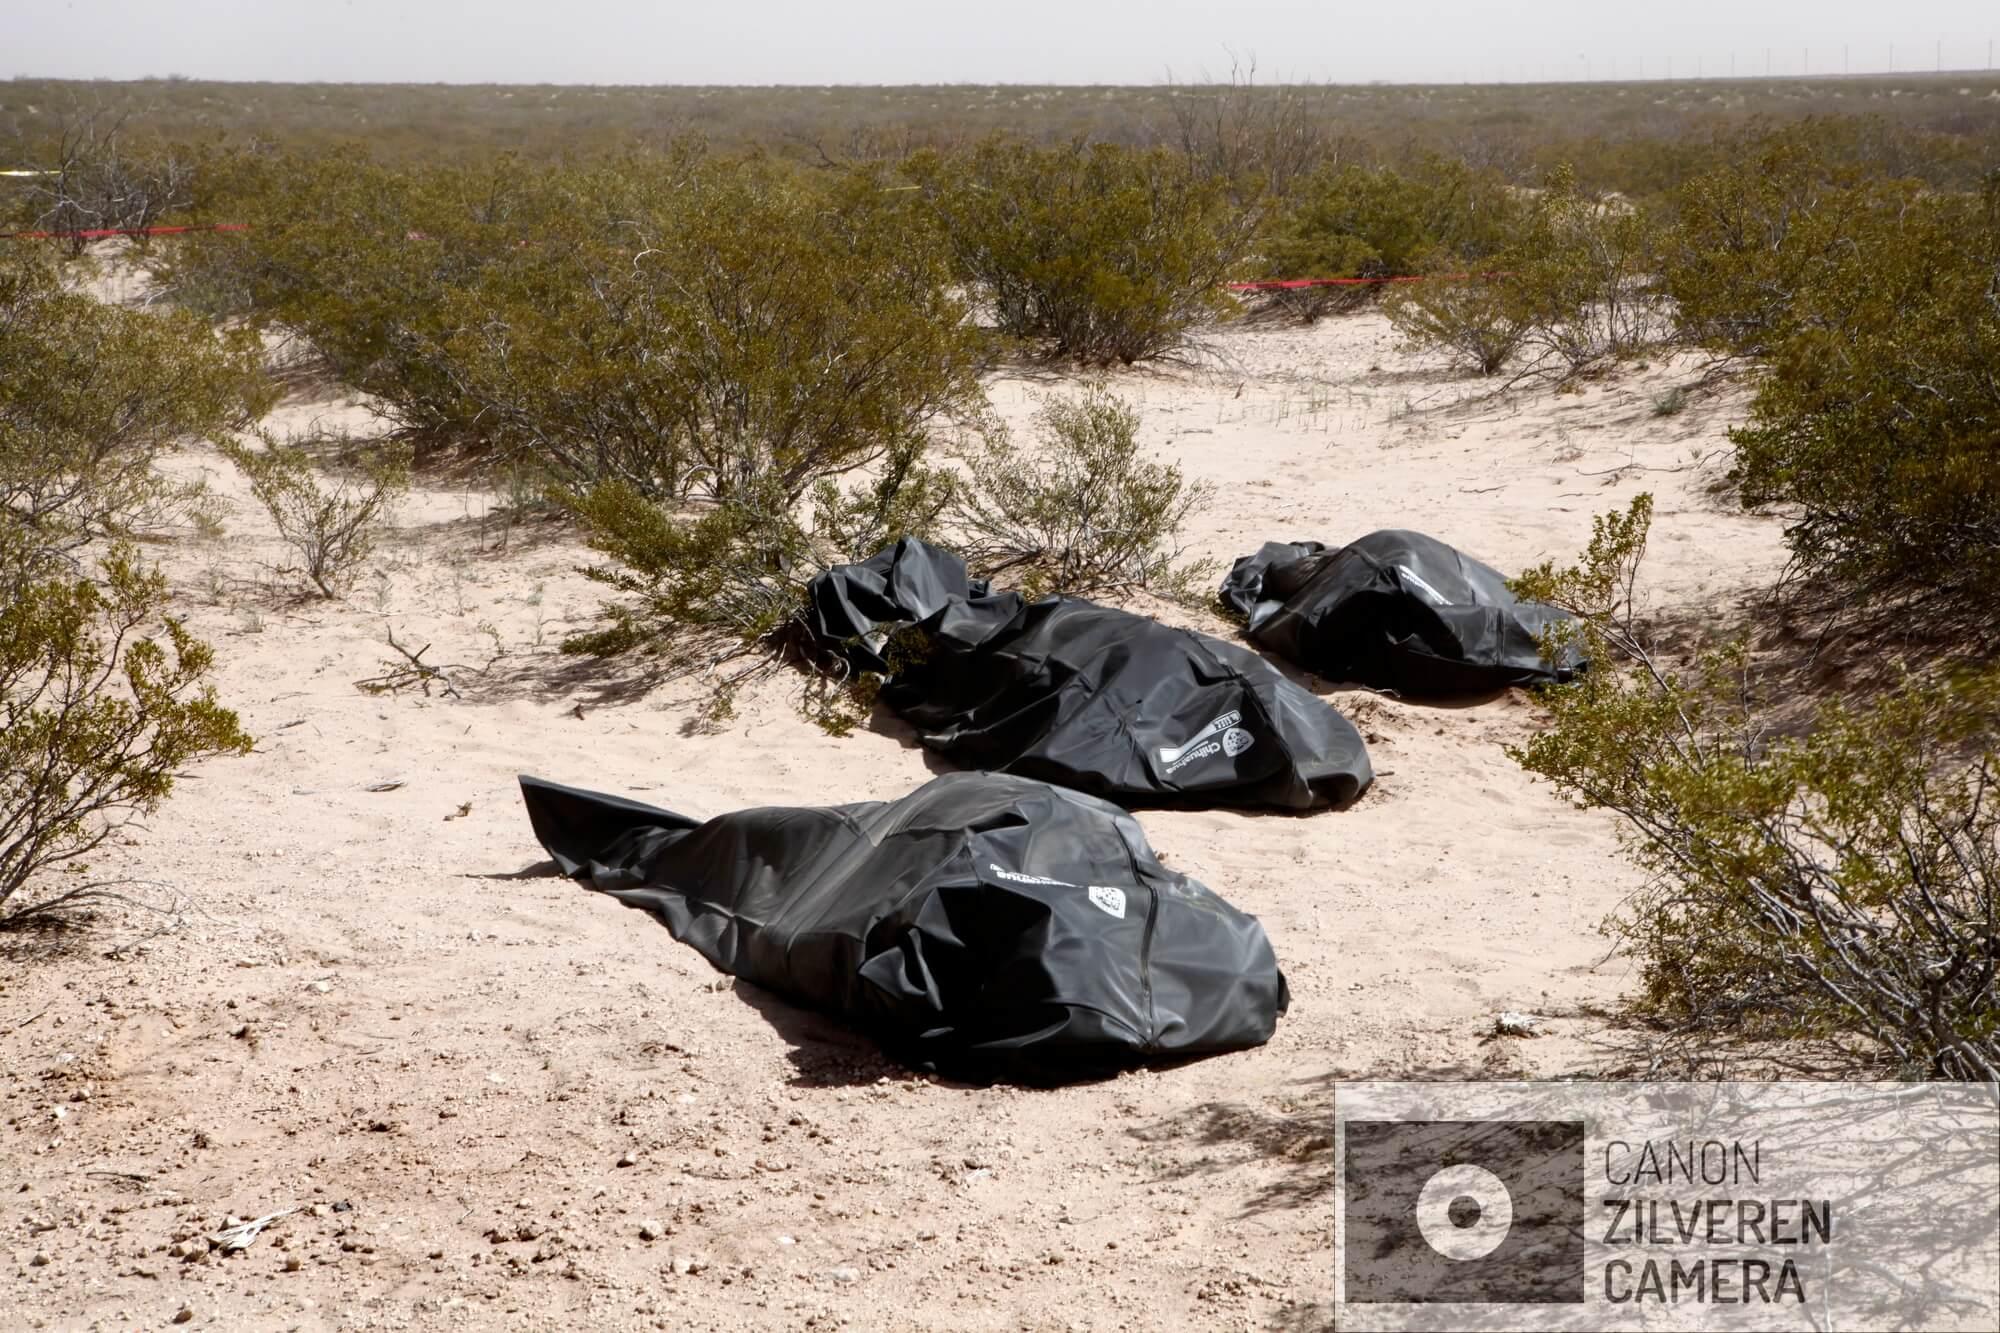 Naast een zandweg in de woestijn, ten zuiden van Ciudad Juárez, liggen de stoffelijke overschotten van drie gemartelde mannen. Een van de handen is afgesneden als boodschap naar de buitenwereld. Het Forensisch Team heeft de lichamen in body-bags gedaan.